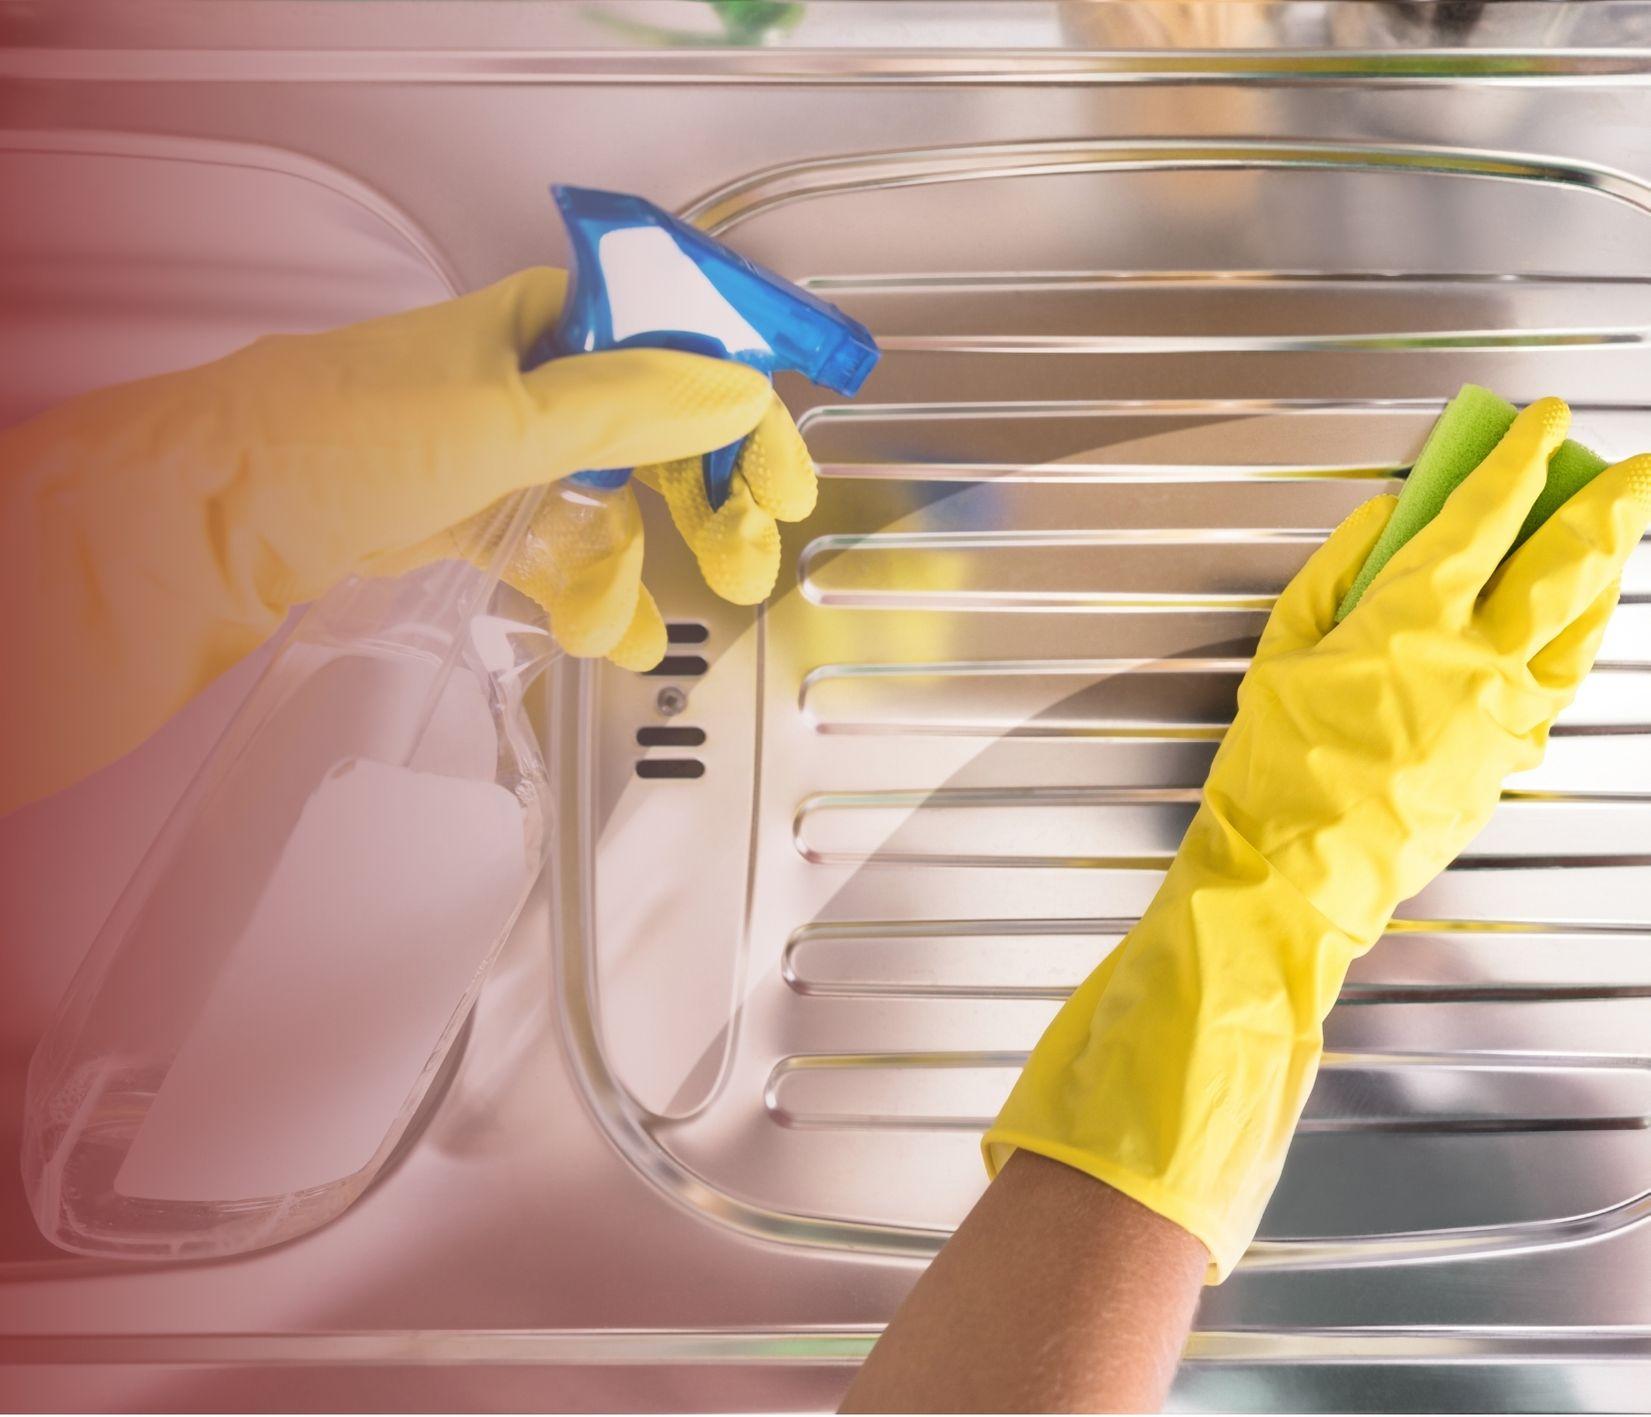 LIMPEZA E CONSERVAÇÃO DO AÇO INOX: QUAIS PRODUTOS UTILIZAR E QUAIS EVITAR